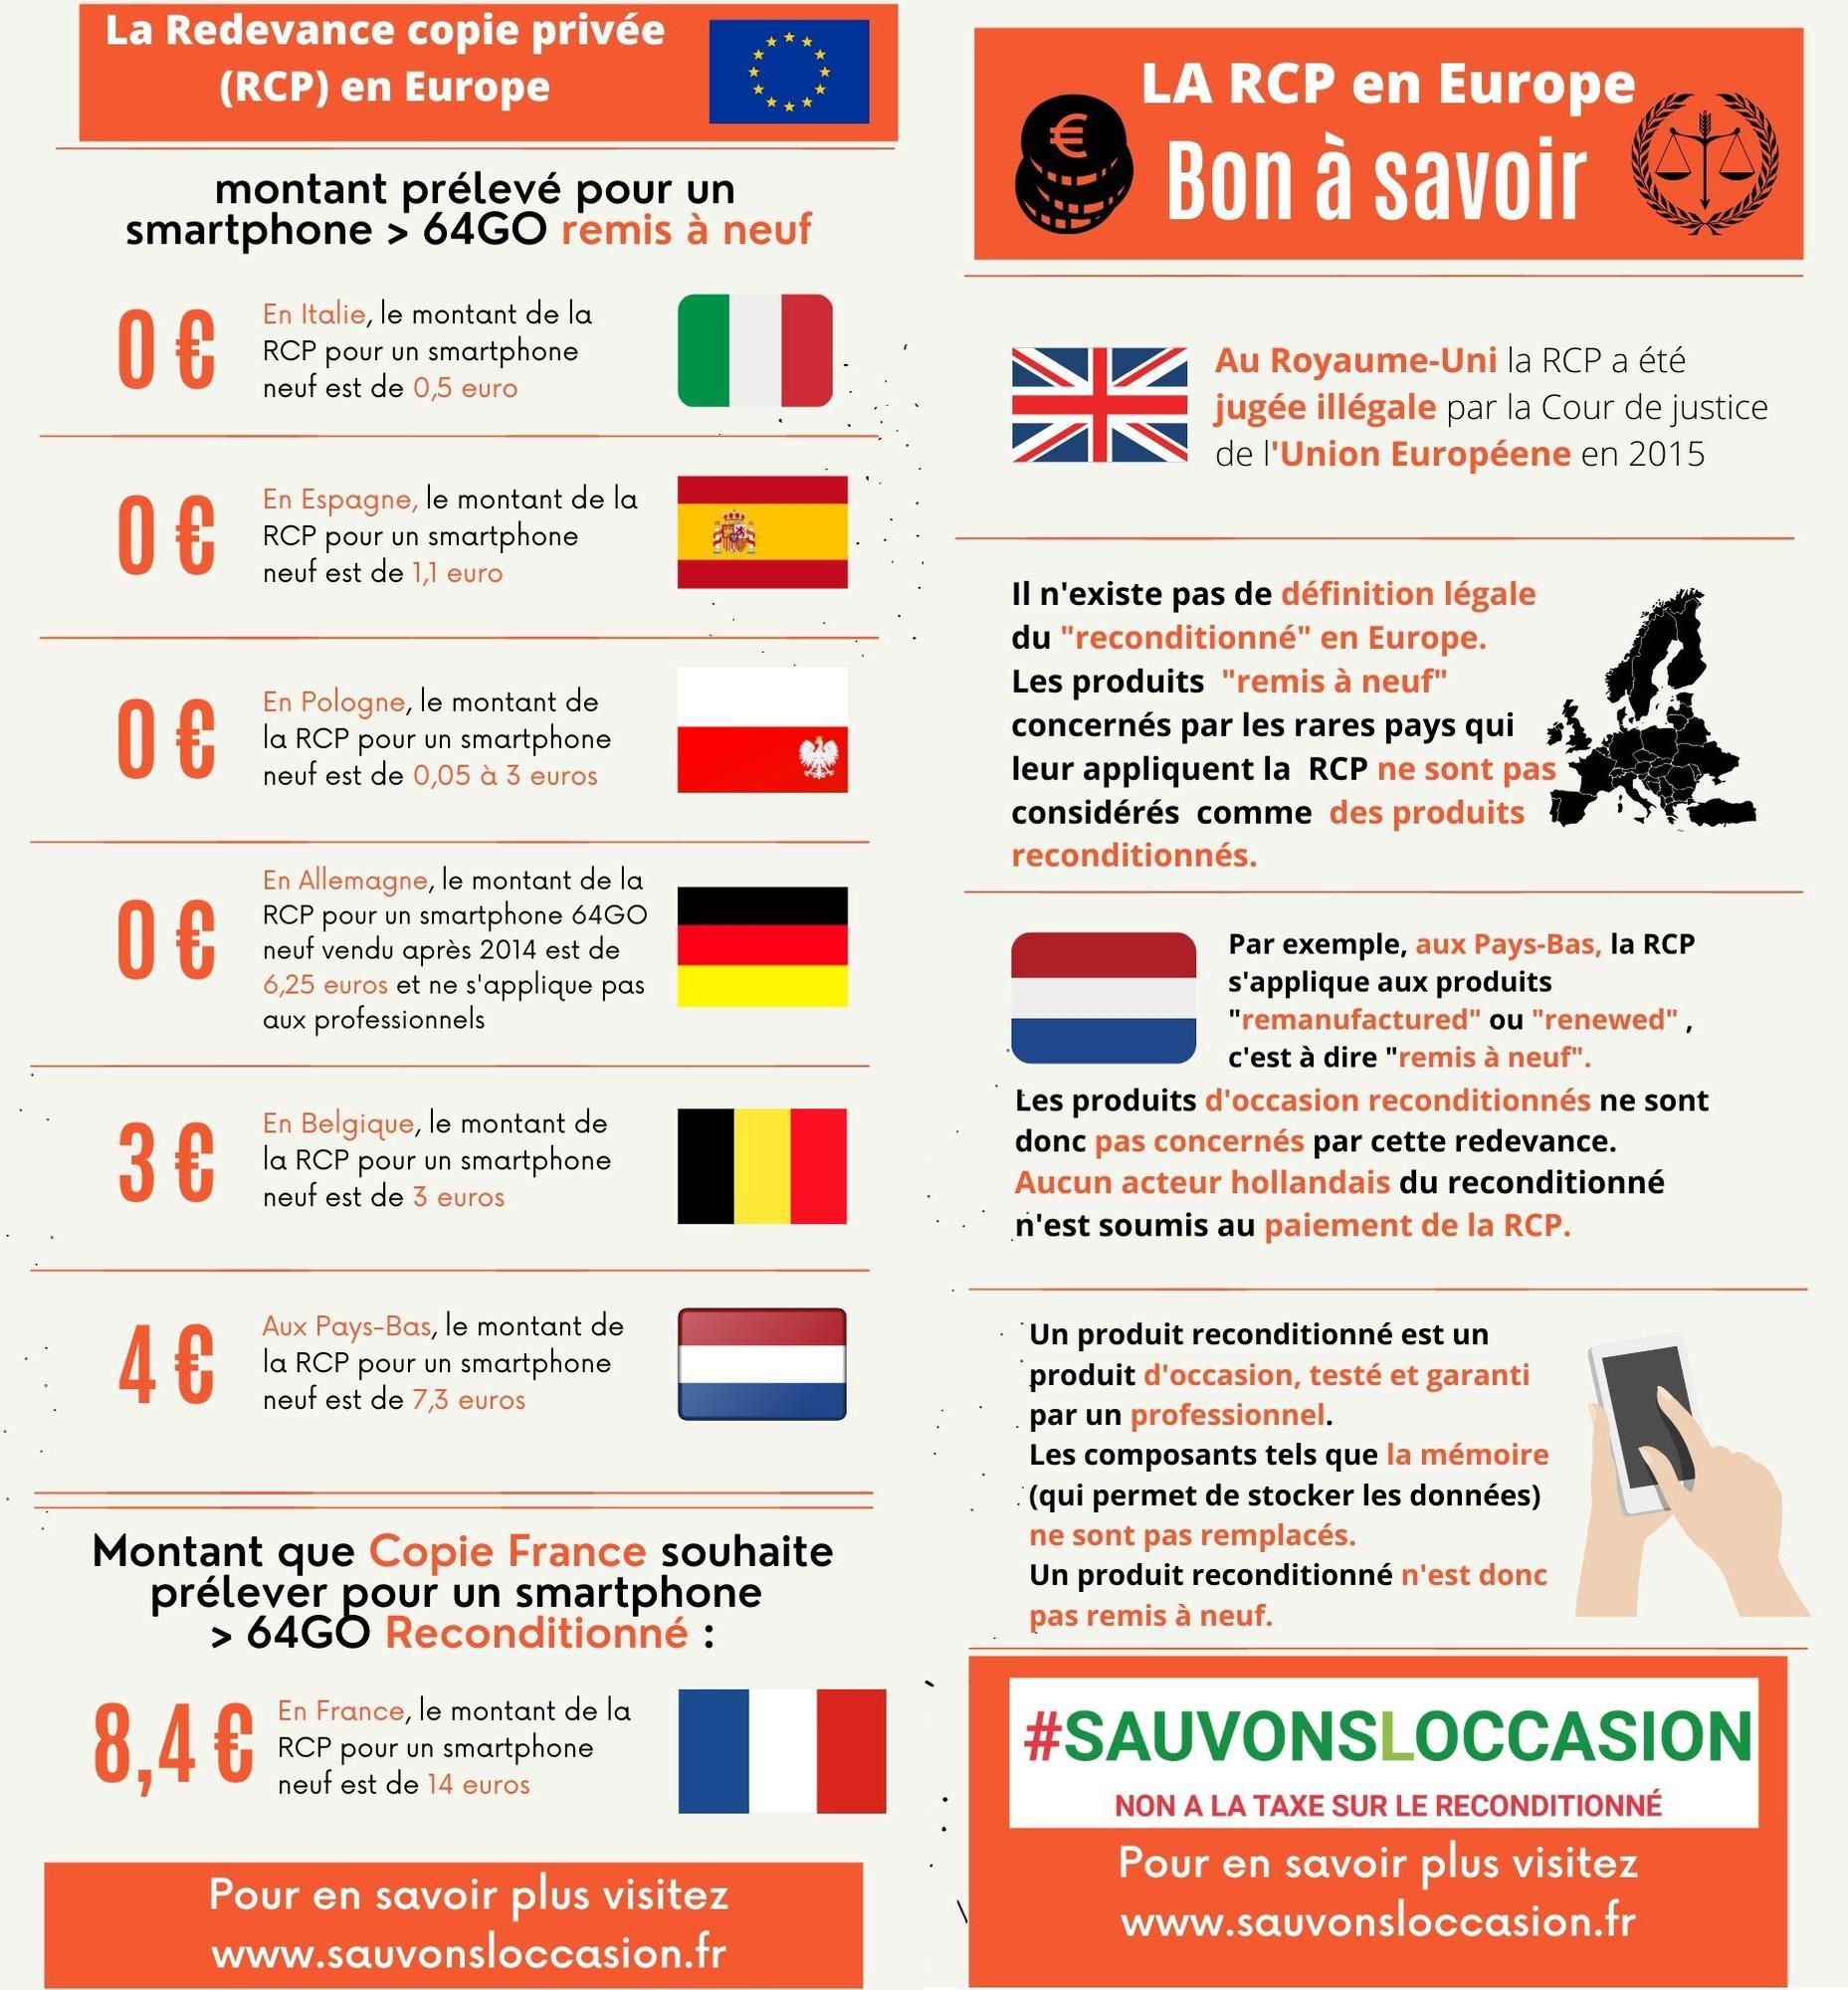 Infographie par l'association SIRRMIET sur la Redevance Copie Privée en Europe